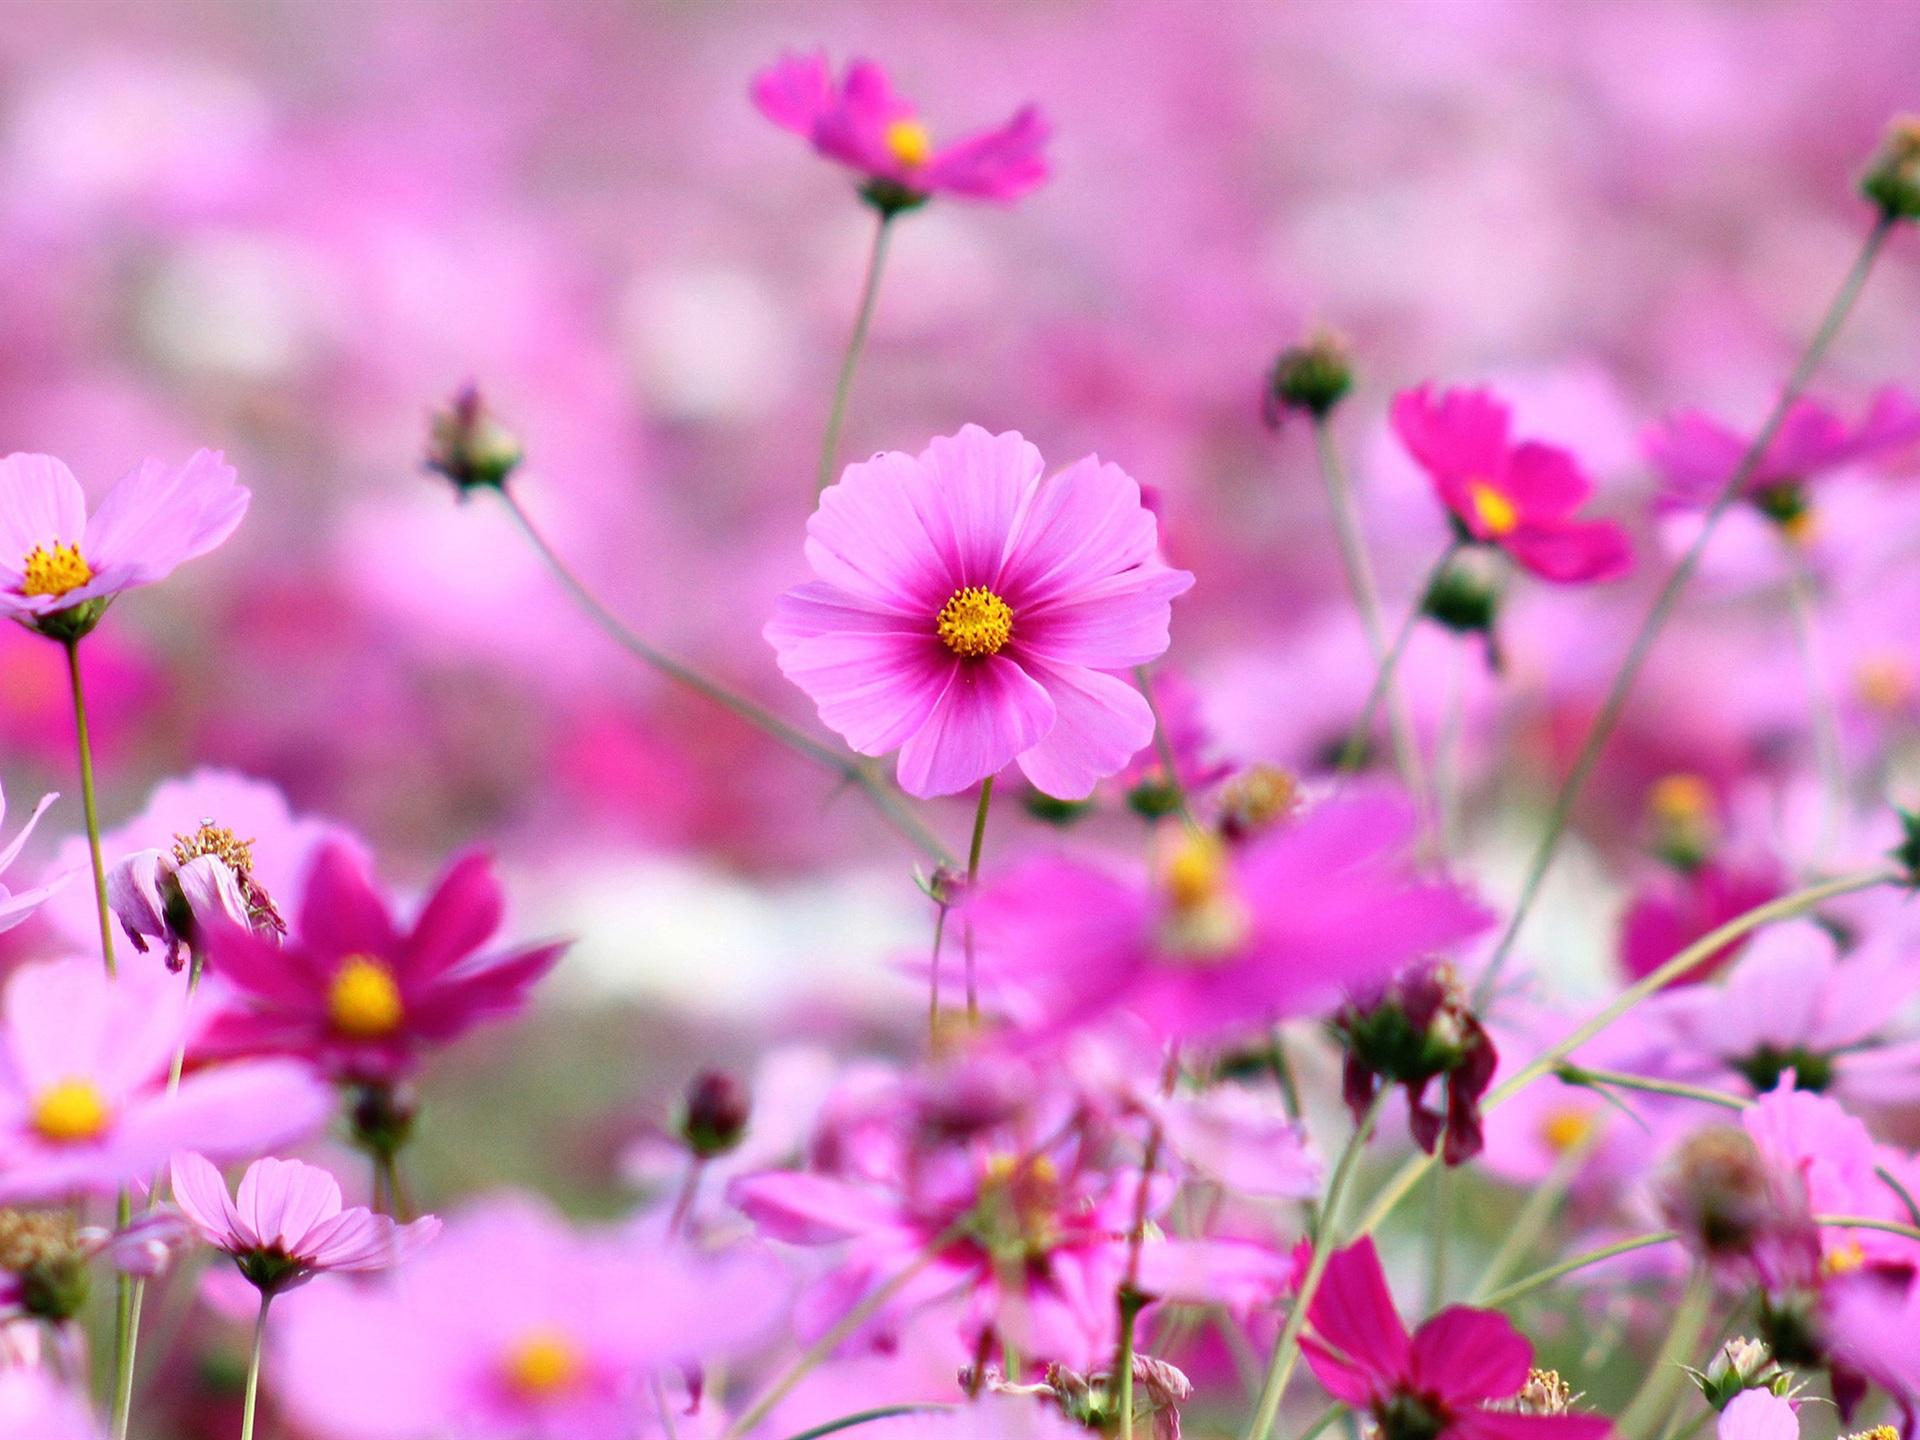 яркие цветочки бесплатно